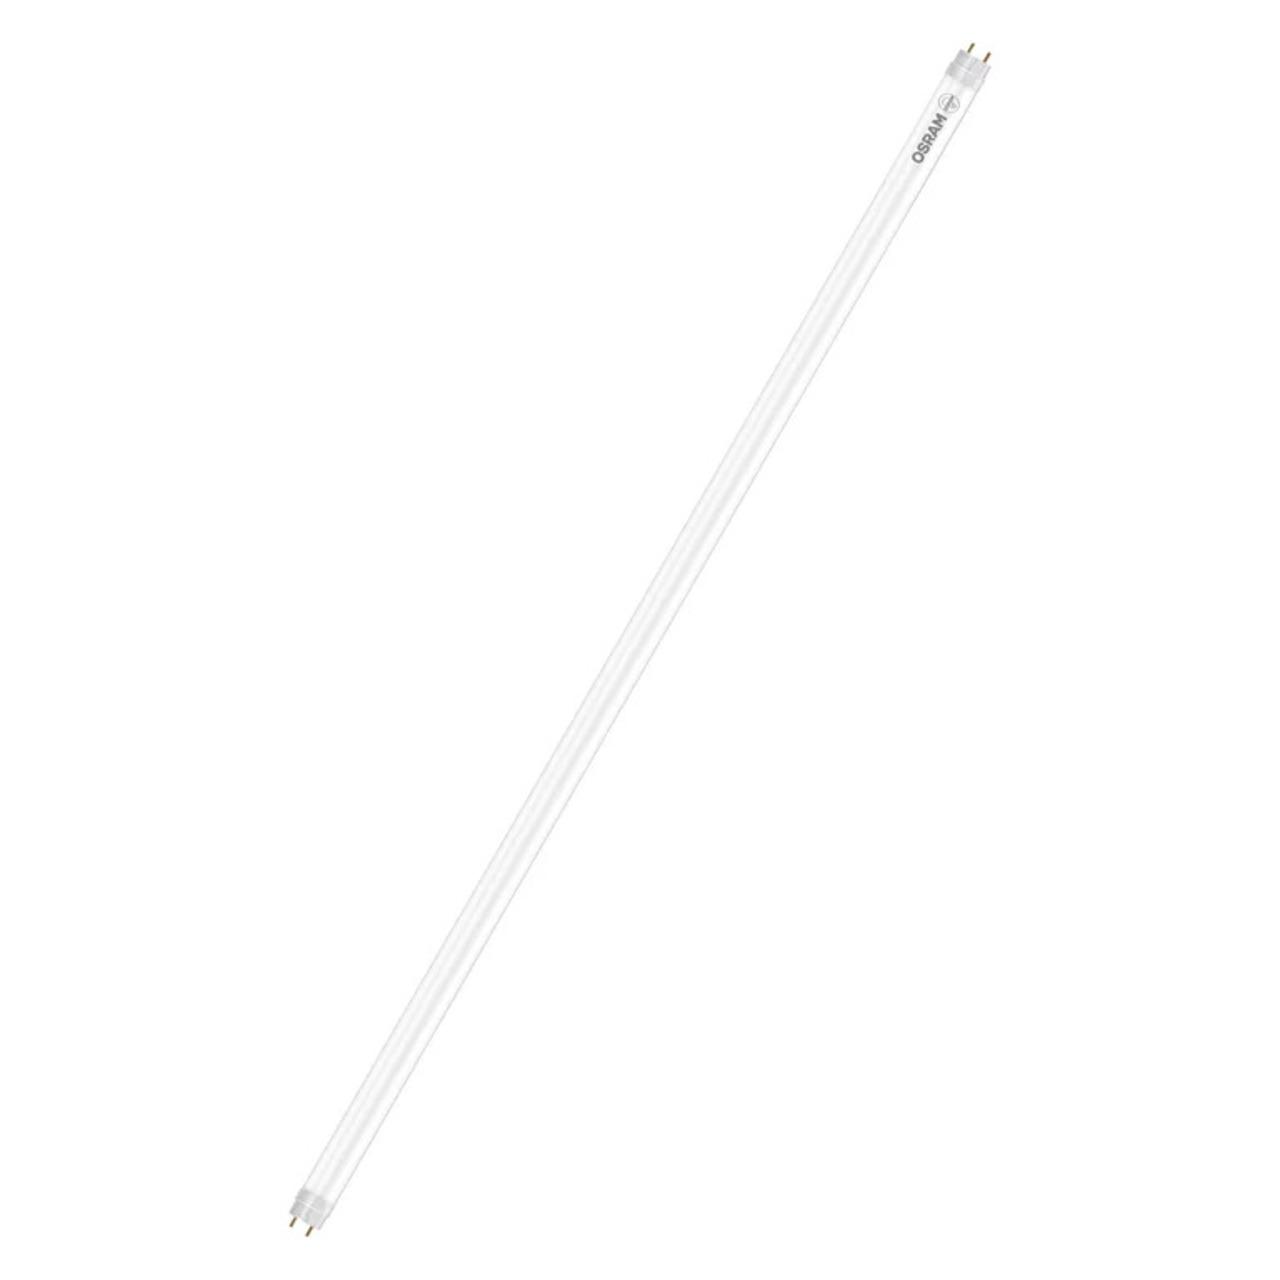 OSRAM 16-2-W-T8-LED-Rund-246 hrenlampe 120 cm- kaltweiund-223